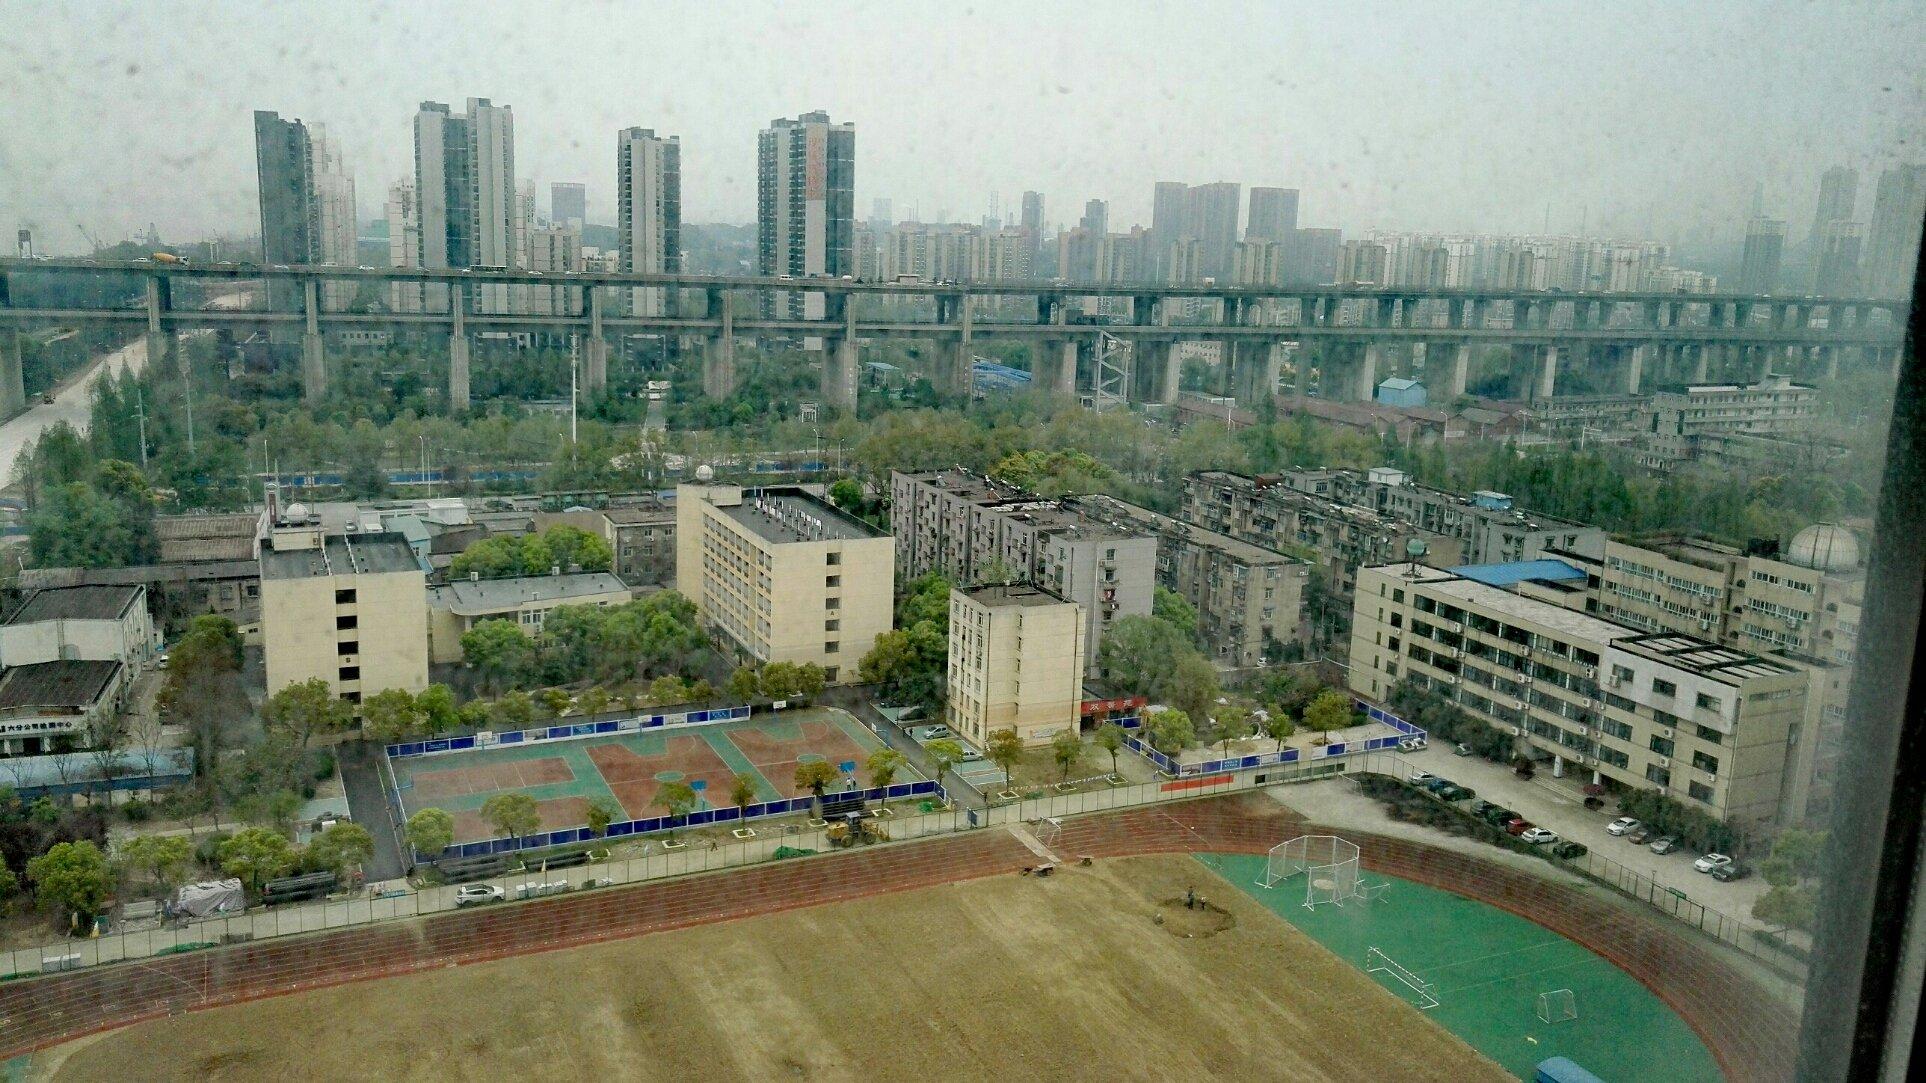 湖北省武汉市高中高中第49男生天气预报中学重点露丁照图片